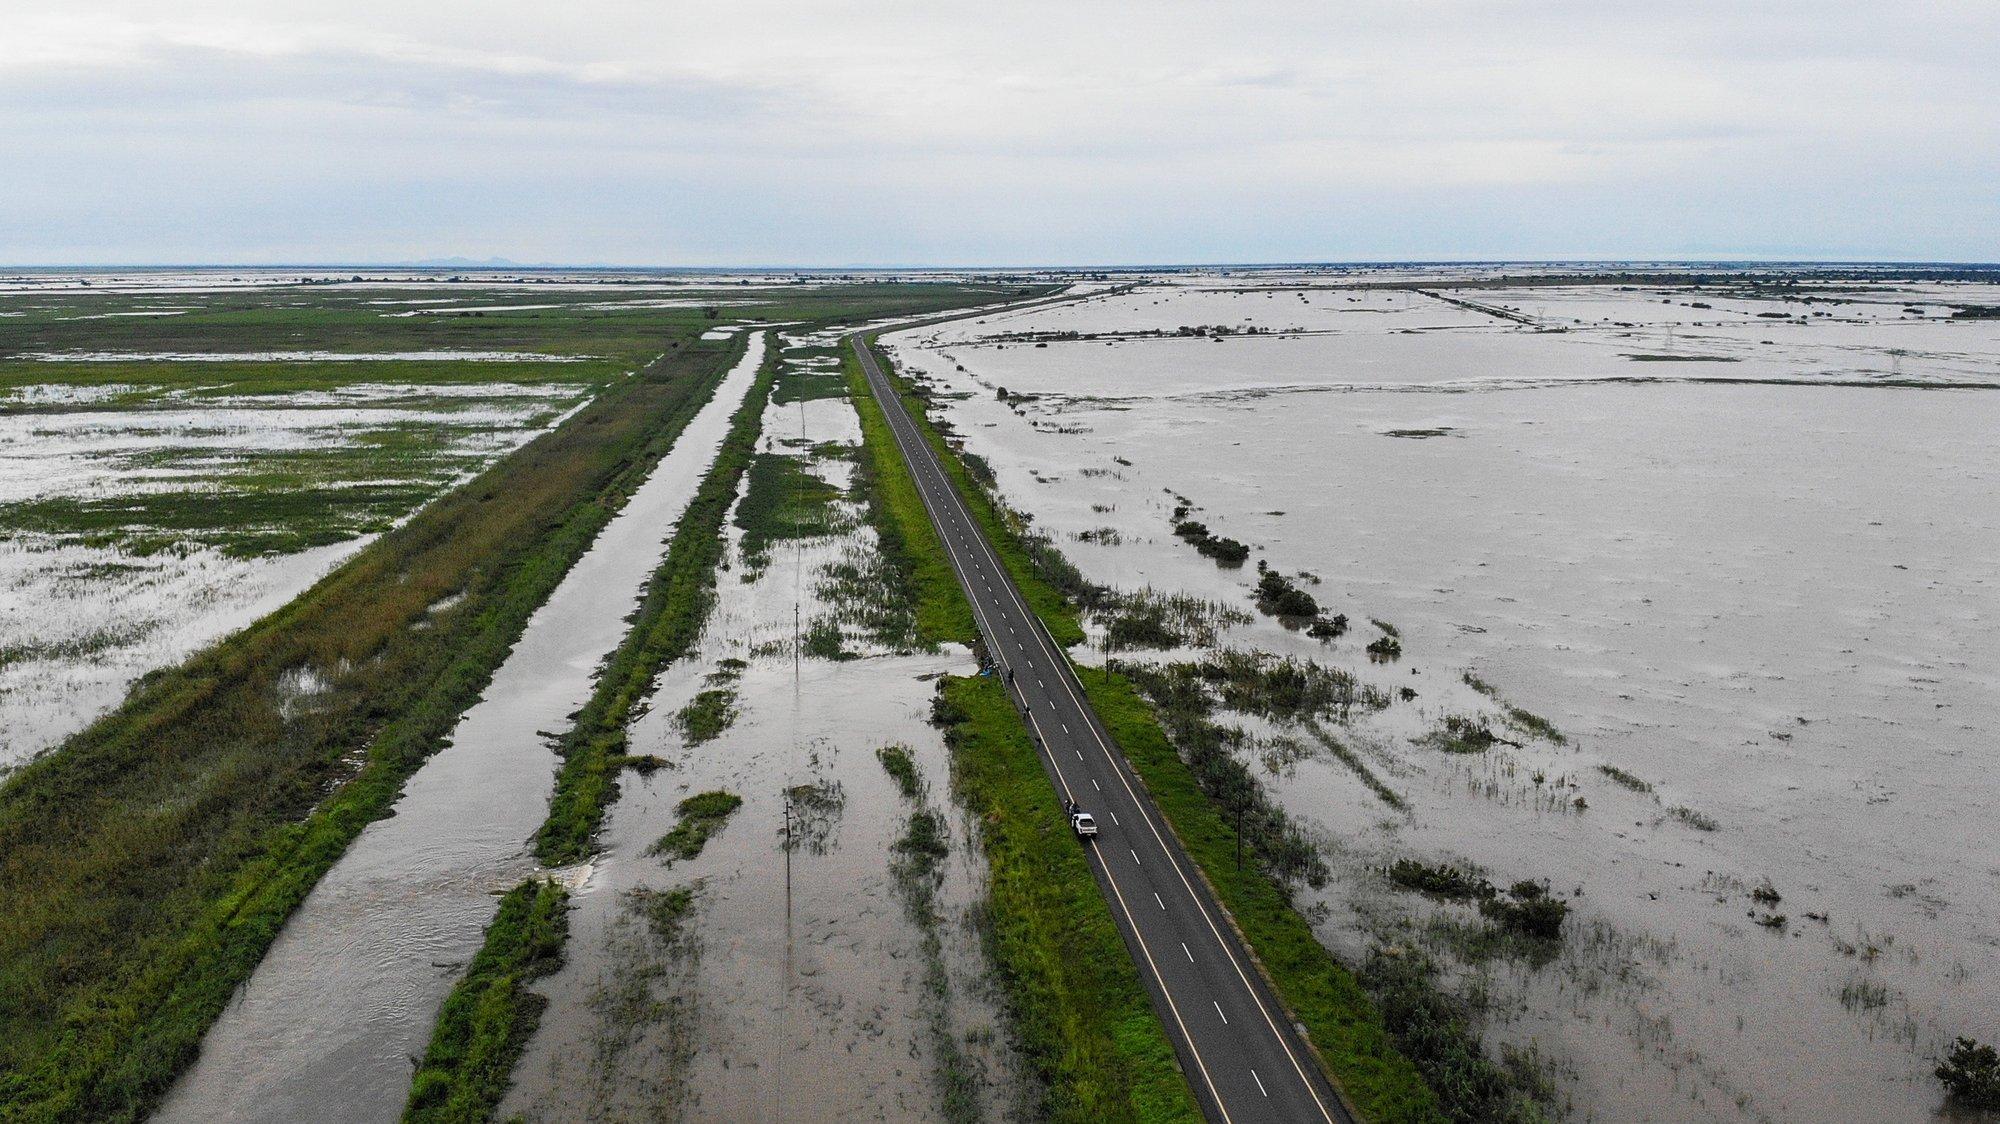 Imagem aérea obtida por um drone da estrada que liga a cidade da Beira a Nhamatanda, inundada devido à passagem do ciclone Eloise, Moçambique, 21 de janeiro de 2021. RICARDO FRANCO/LUSA